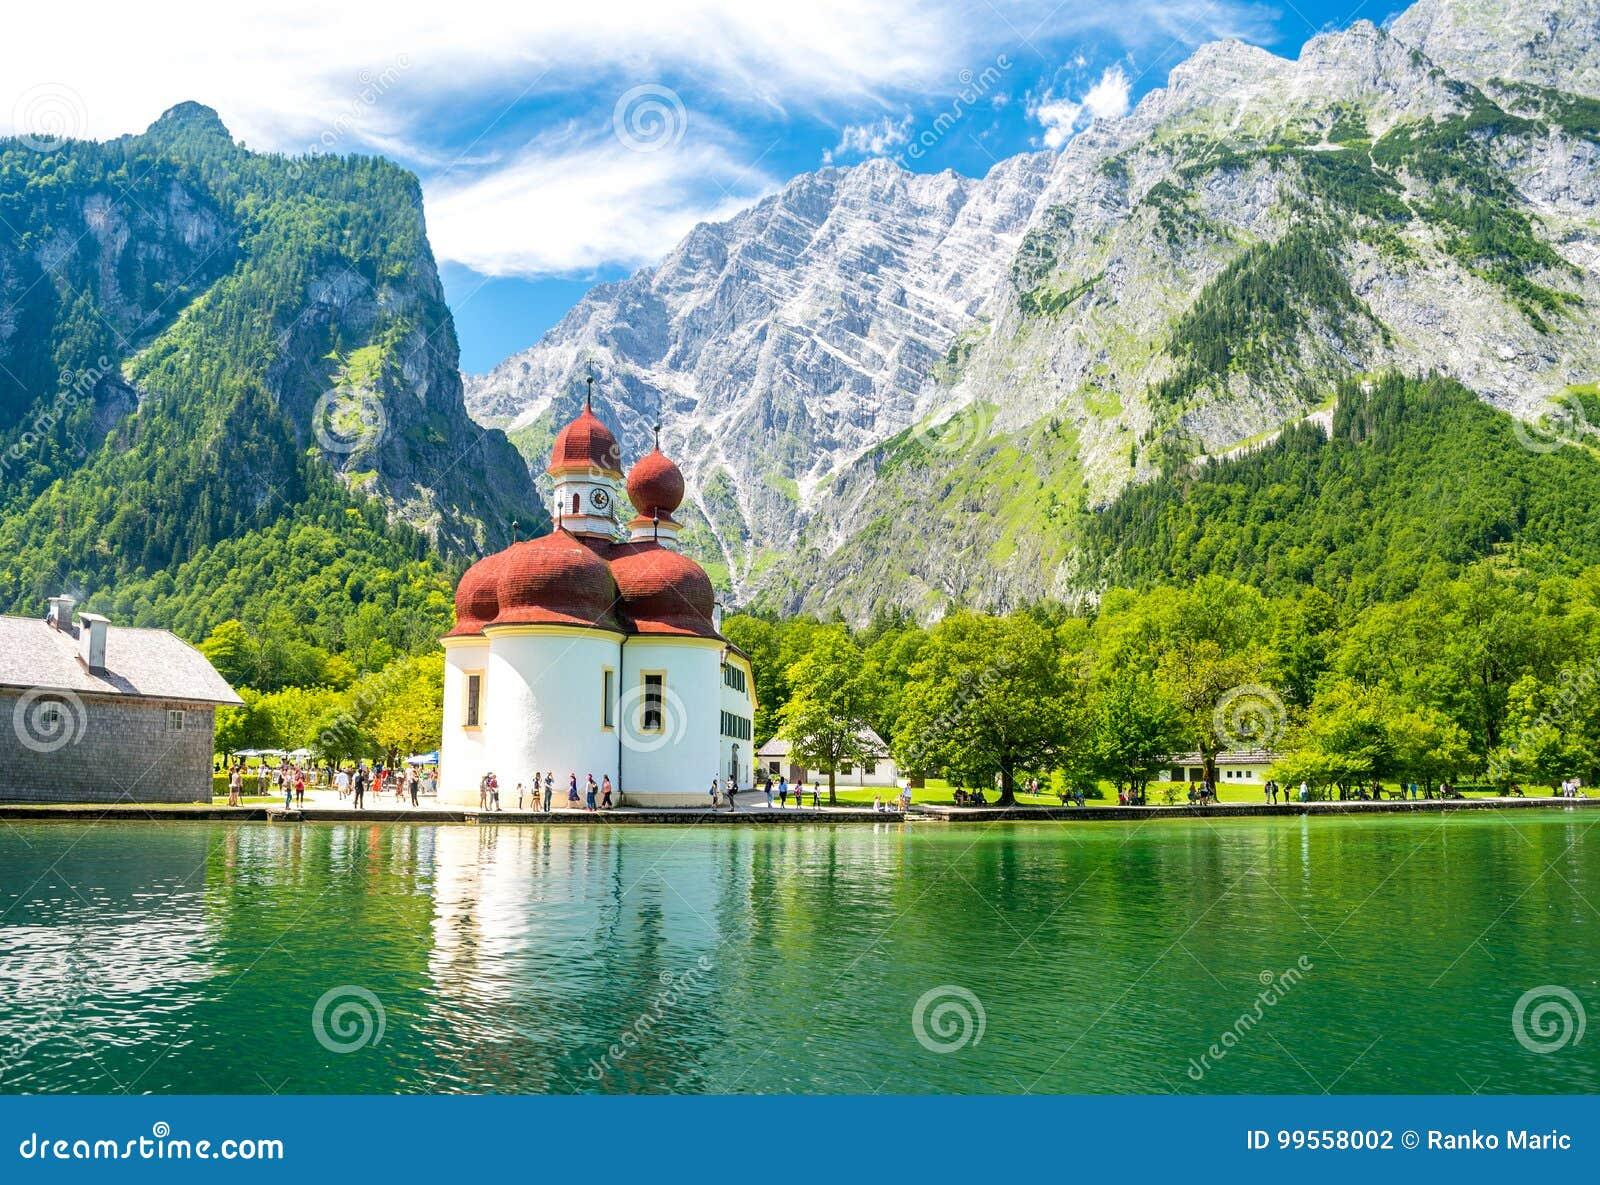 Озеро Konigsee при церковь окруженная горами, национальный парк St Bartholomew Berchtesgaden, Бавария, Германия